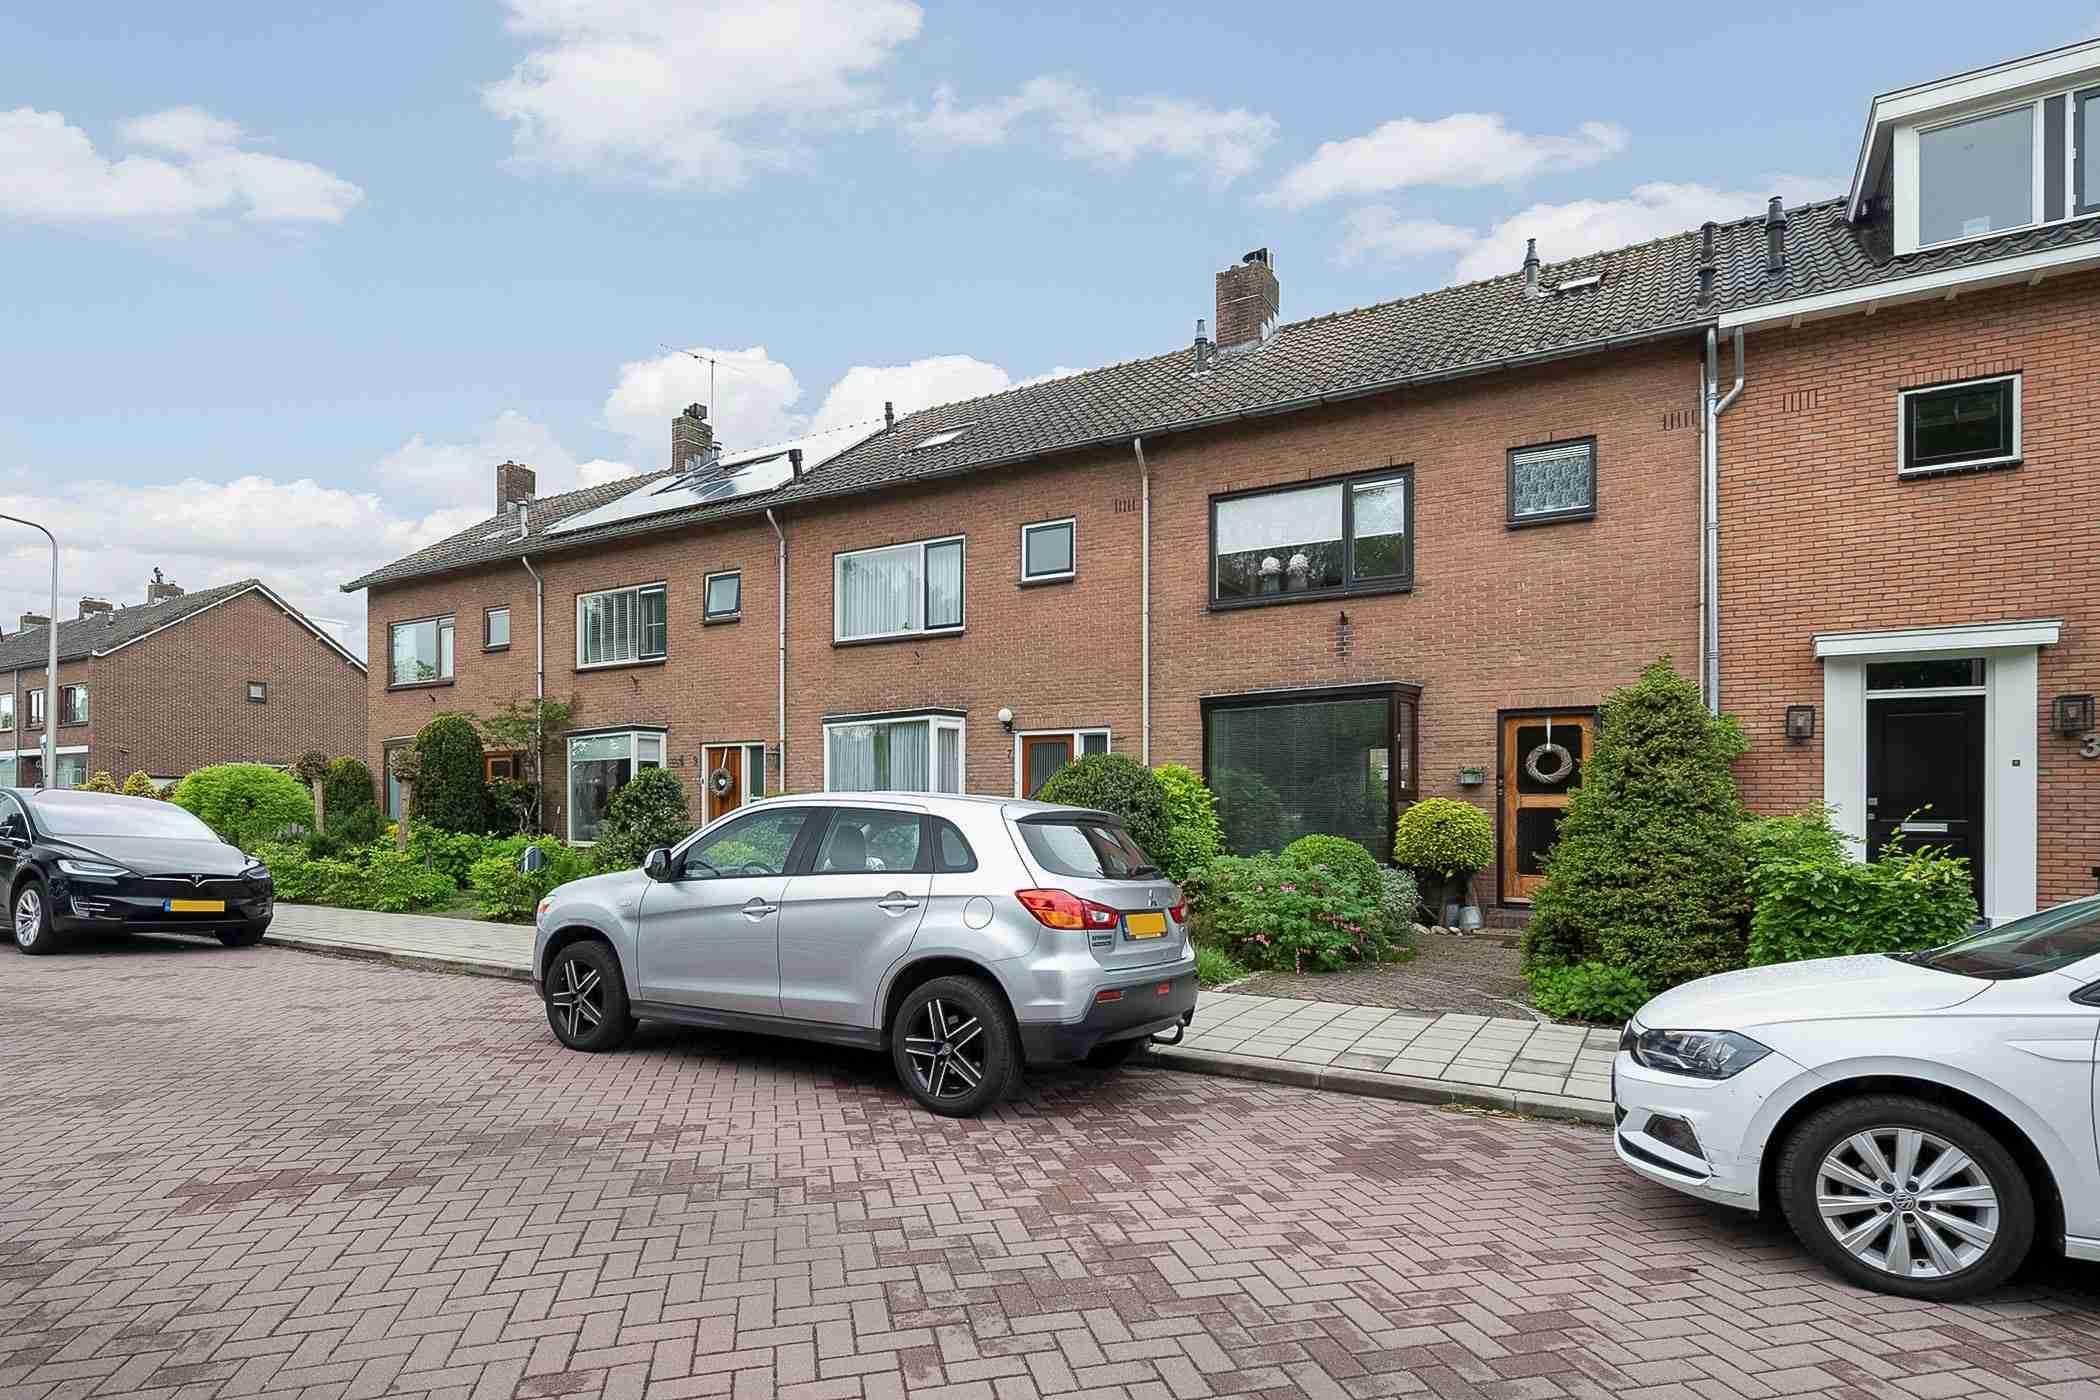 Bospolderstraat 5 2912 PB Nieuwerkerk aan den IJssel